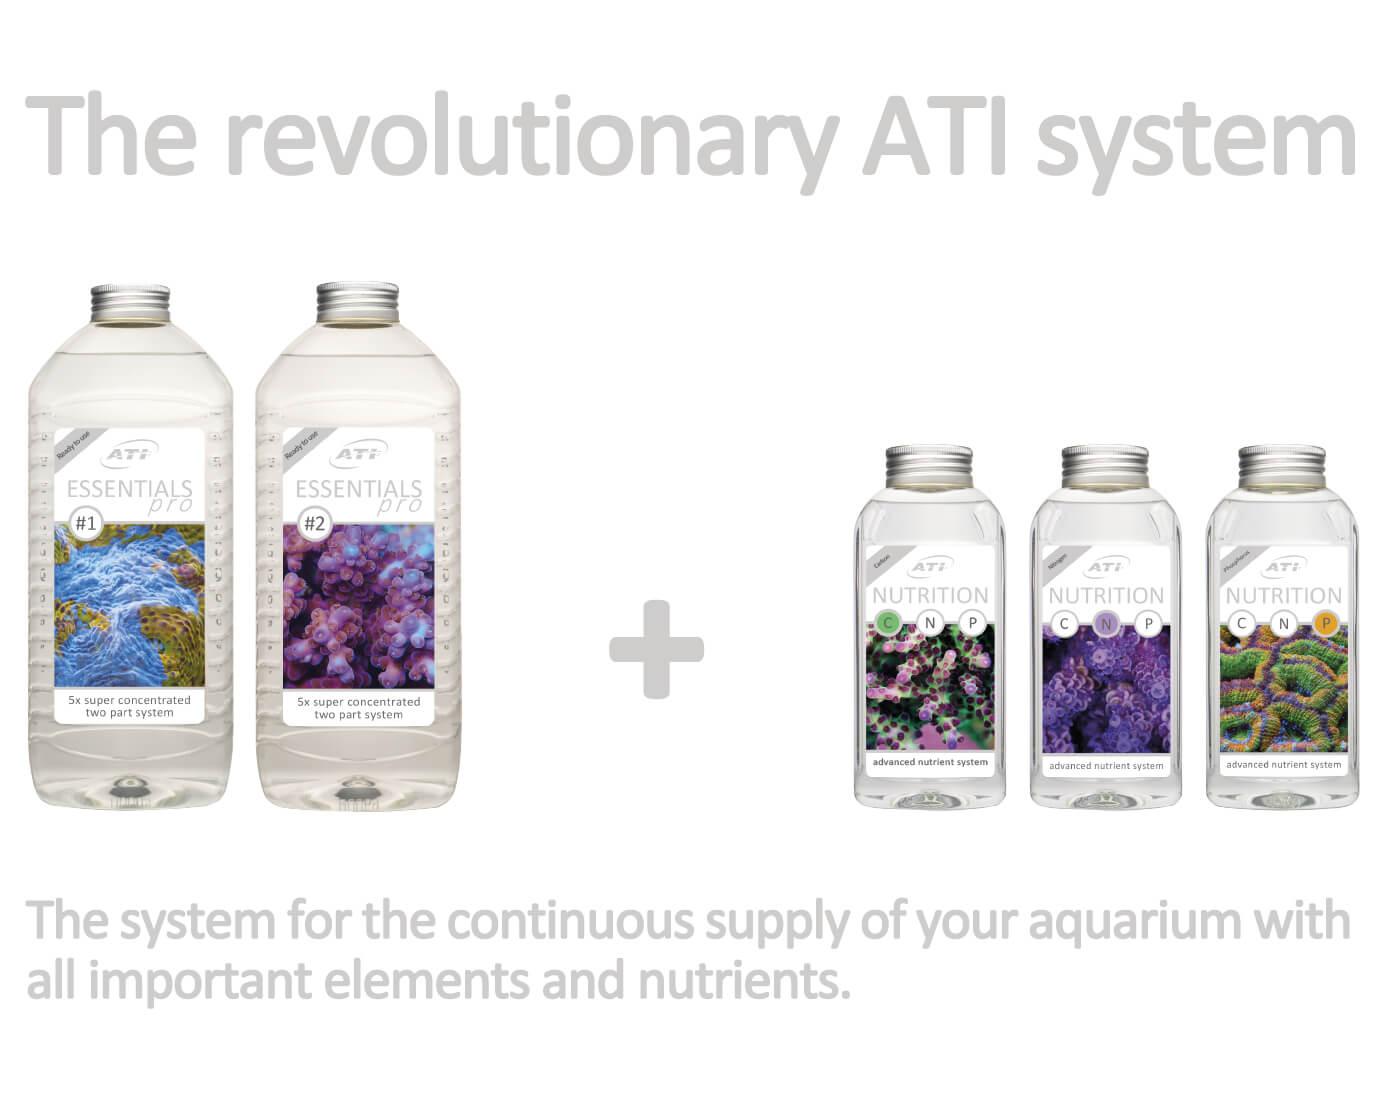 ATI Essentials pro 2 2000 ml